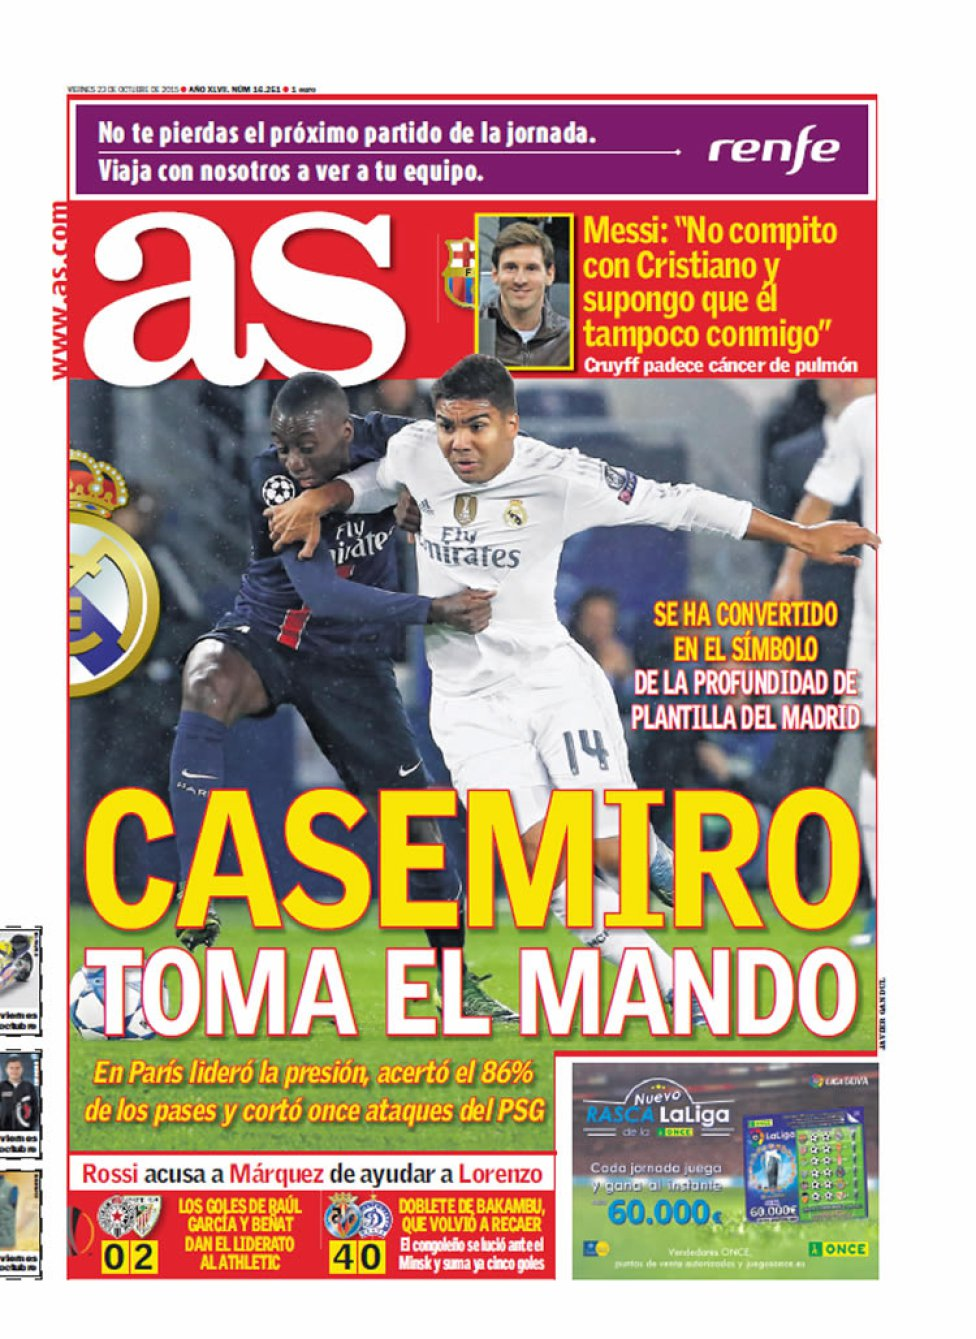 ميسي أنا لا أتنافس مع كريستيانو رونالدو حسب غلاف آس